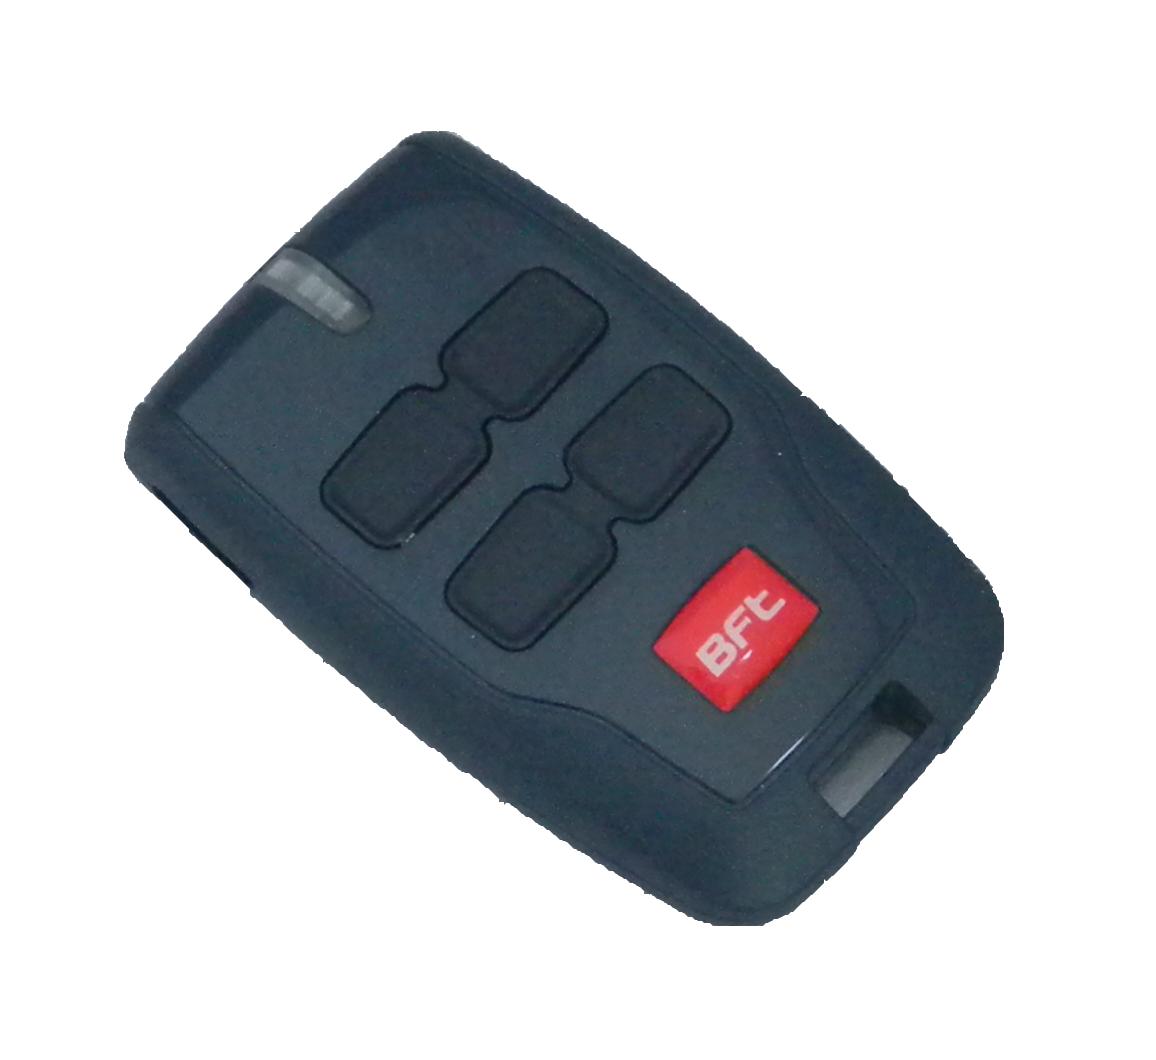 BFt Handsender Mitto 4 mit 433,92 MHz